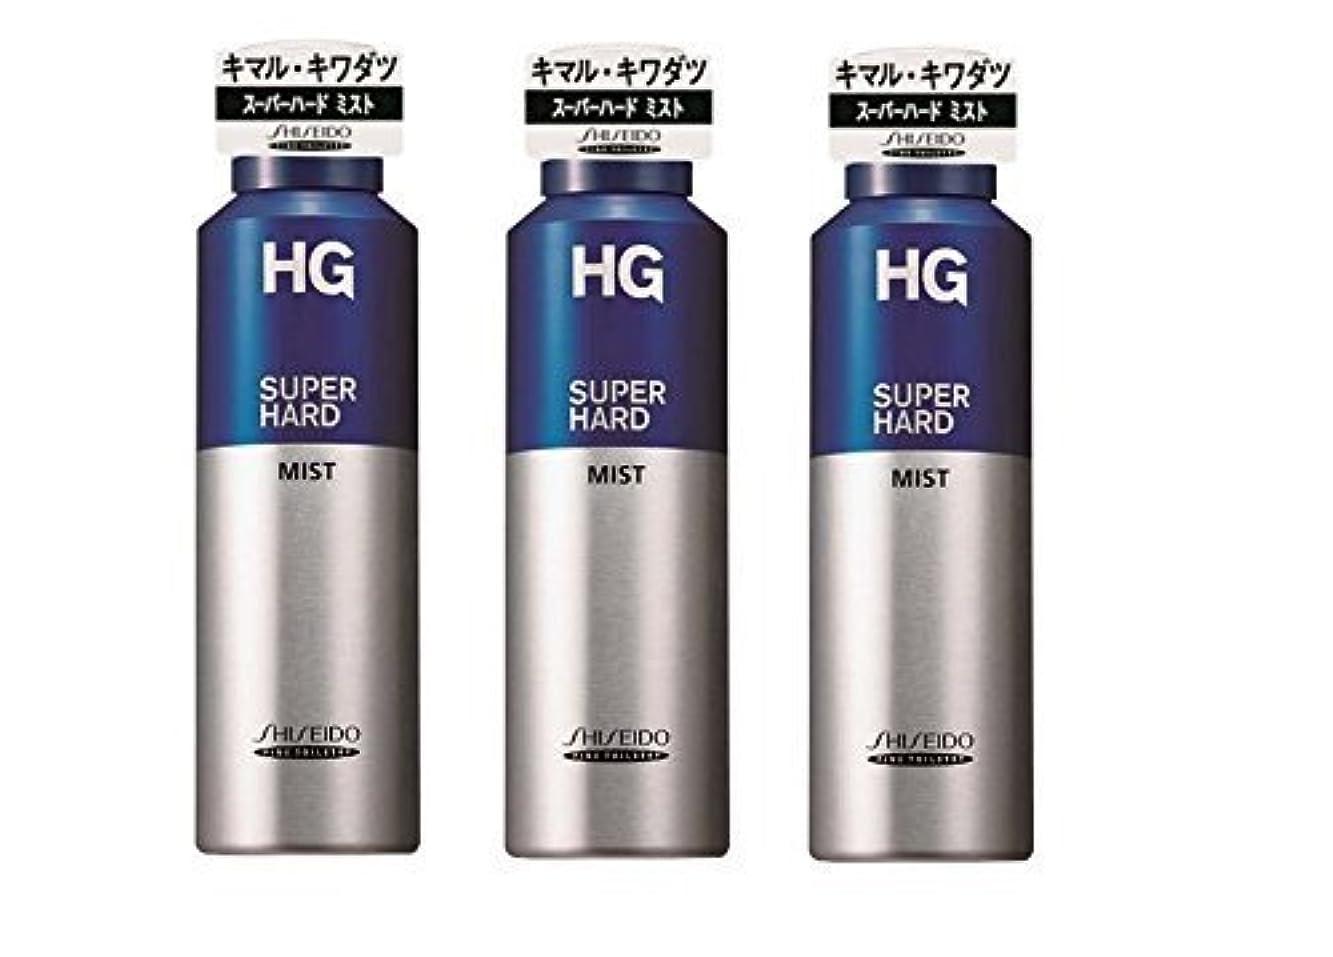 お尻考えた病的【まとめ買い】HG スーパーハード ミスト 150g×3個